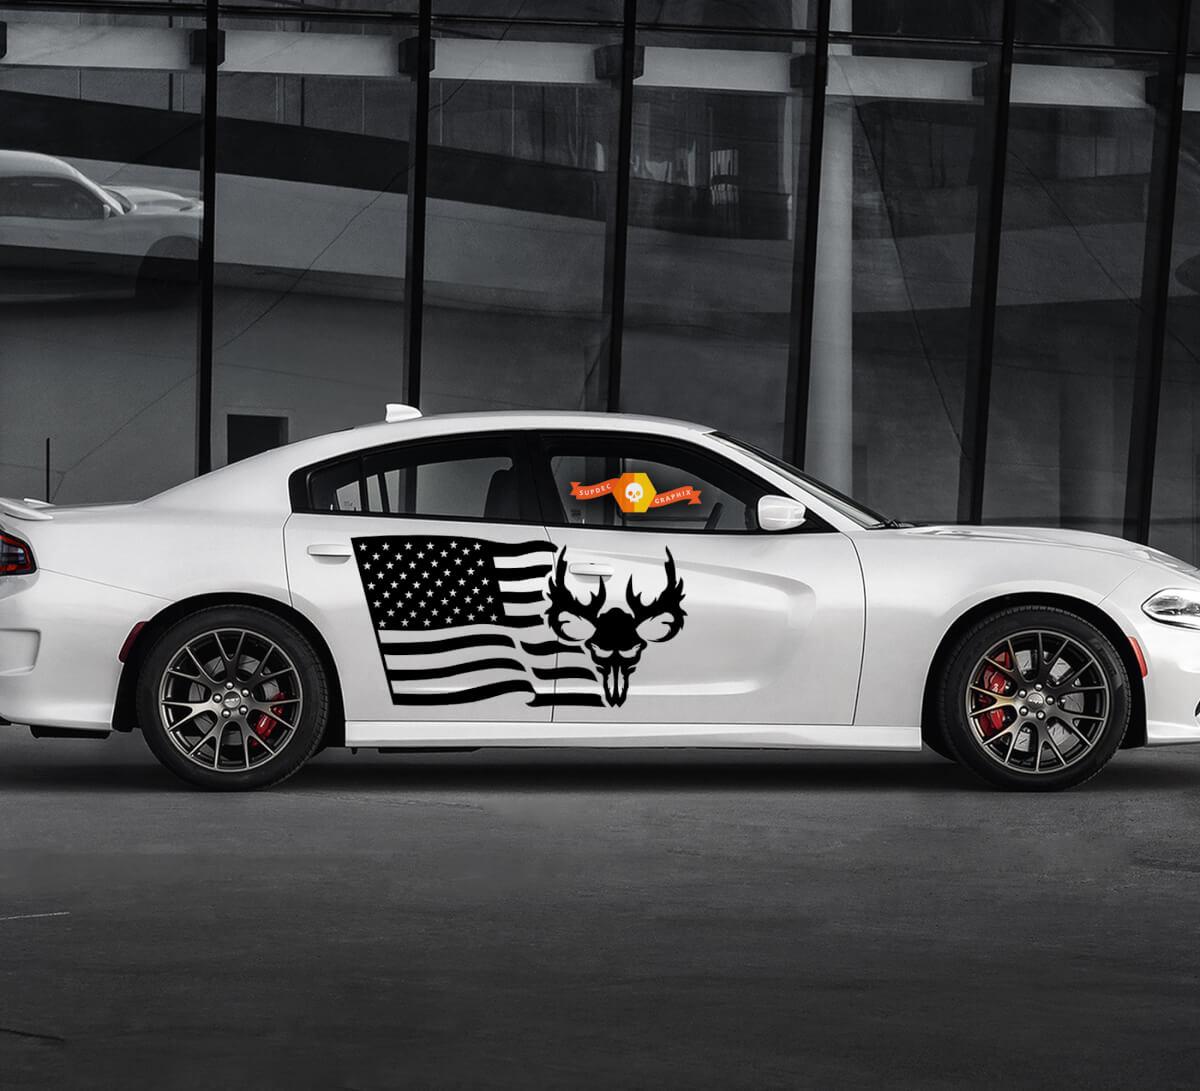 2 Seite Dodge Charger USA Flagge Schädel Tür Seite Vinyl Aufkleber Grafik Aufkleber